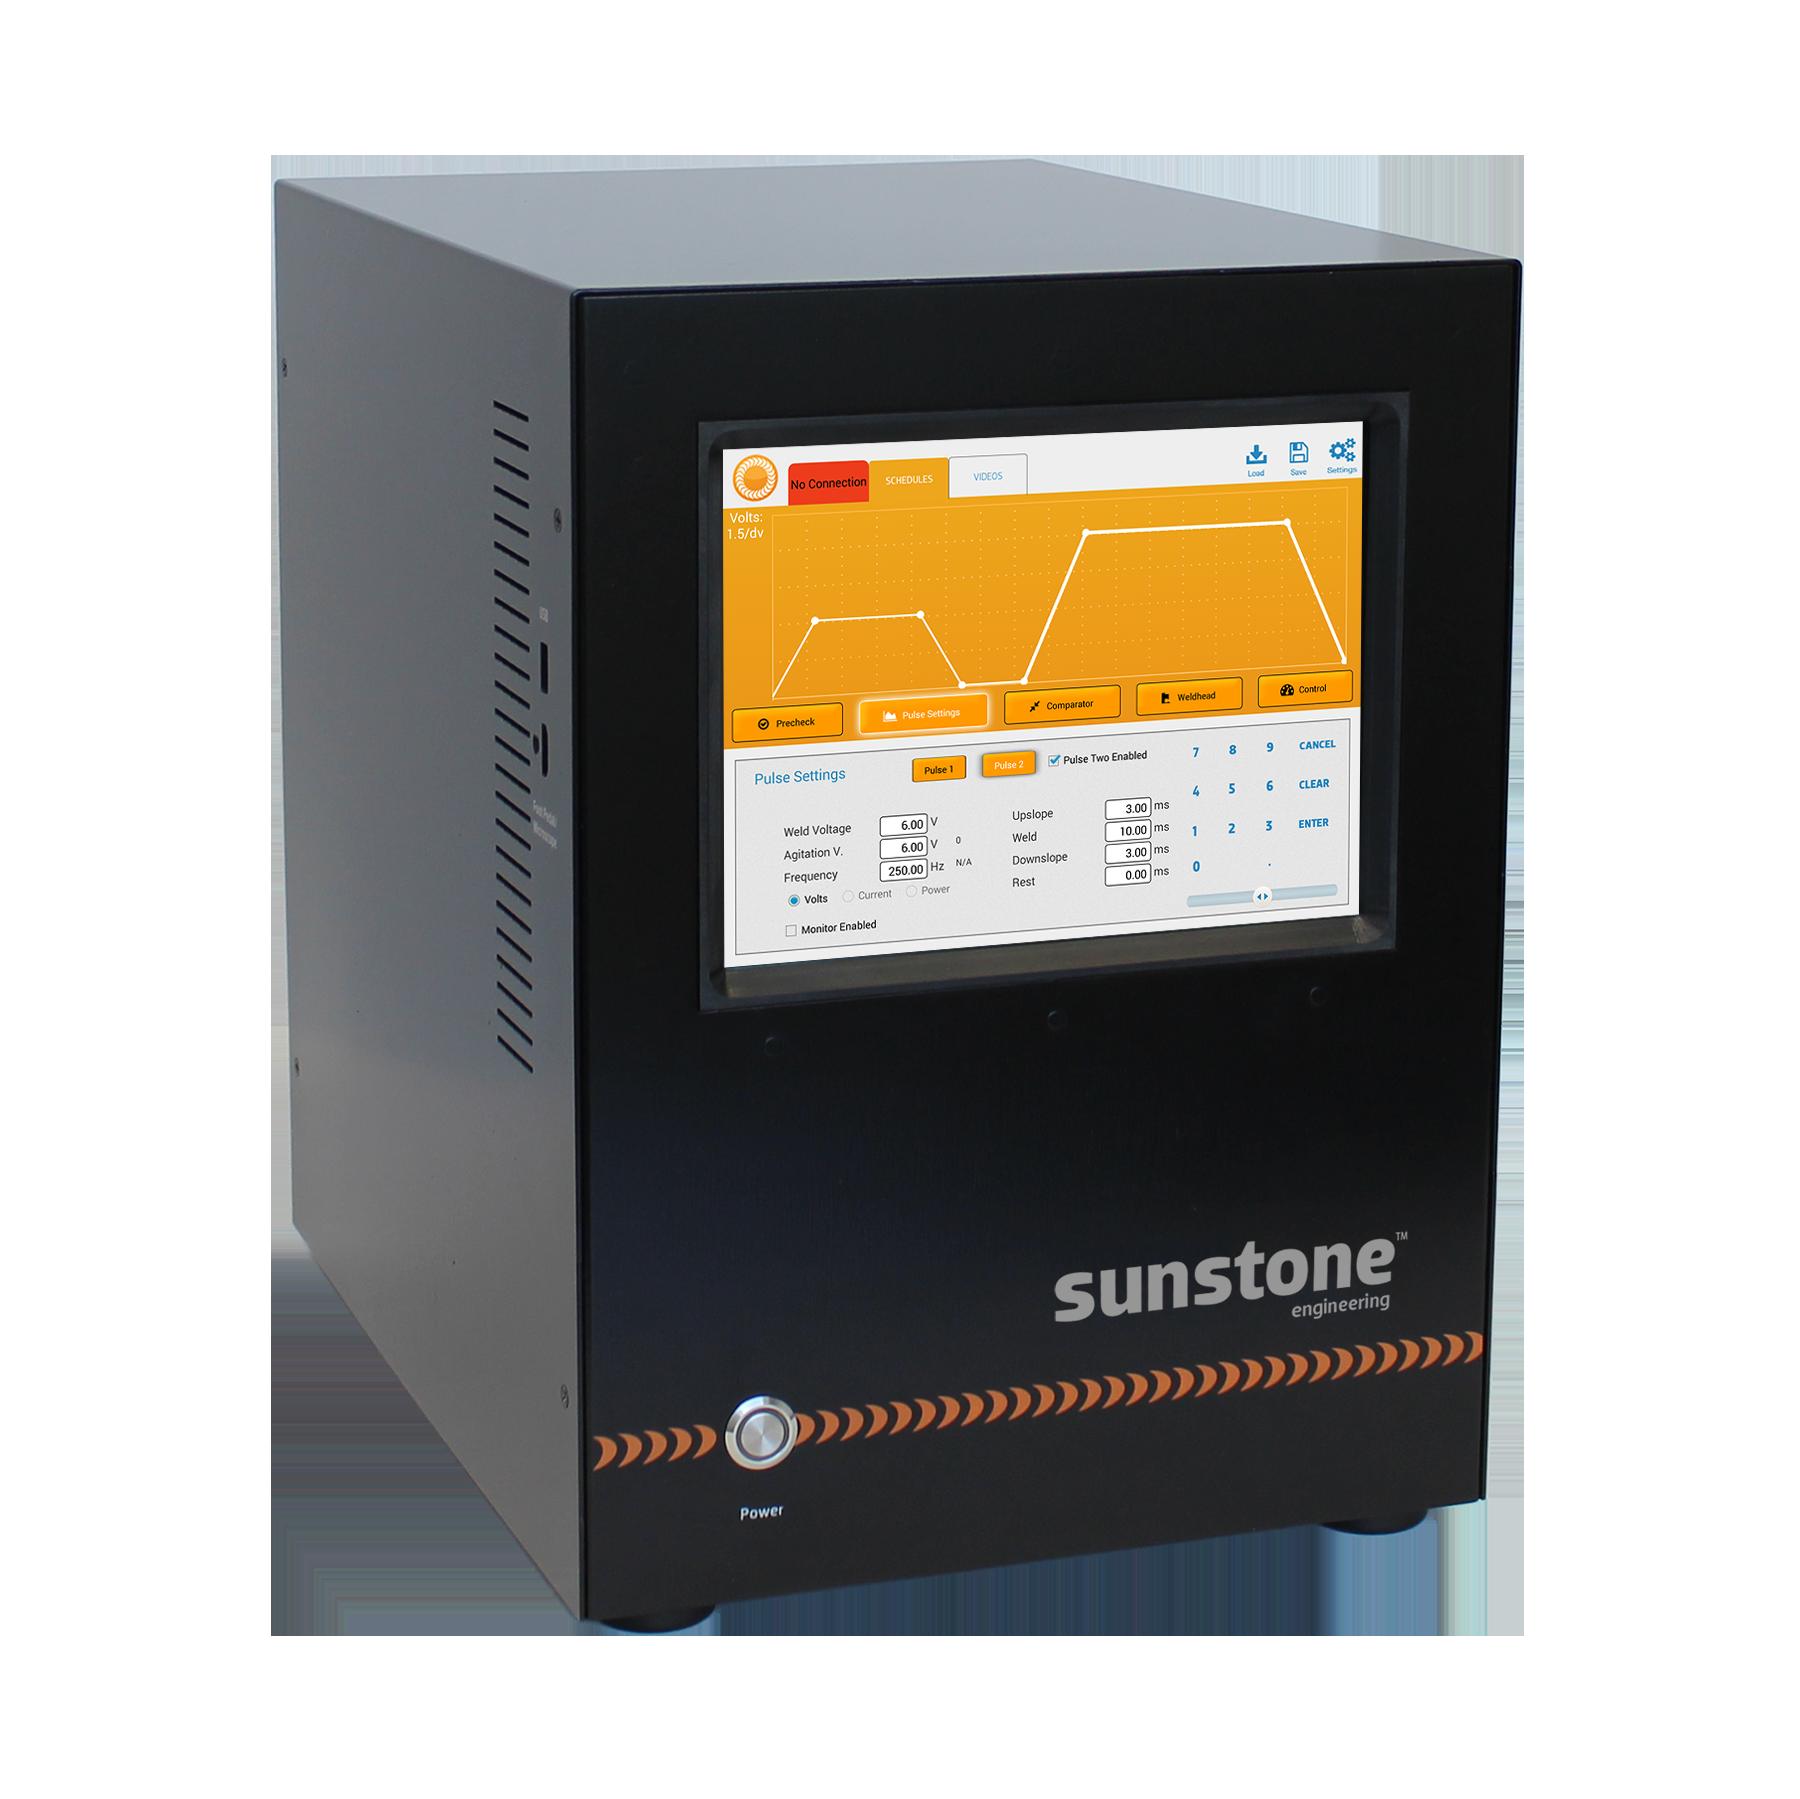 Источник тока для точечной микросварки постоянного тока Sunstone LINEAR DC